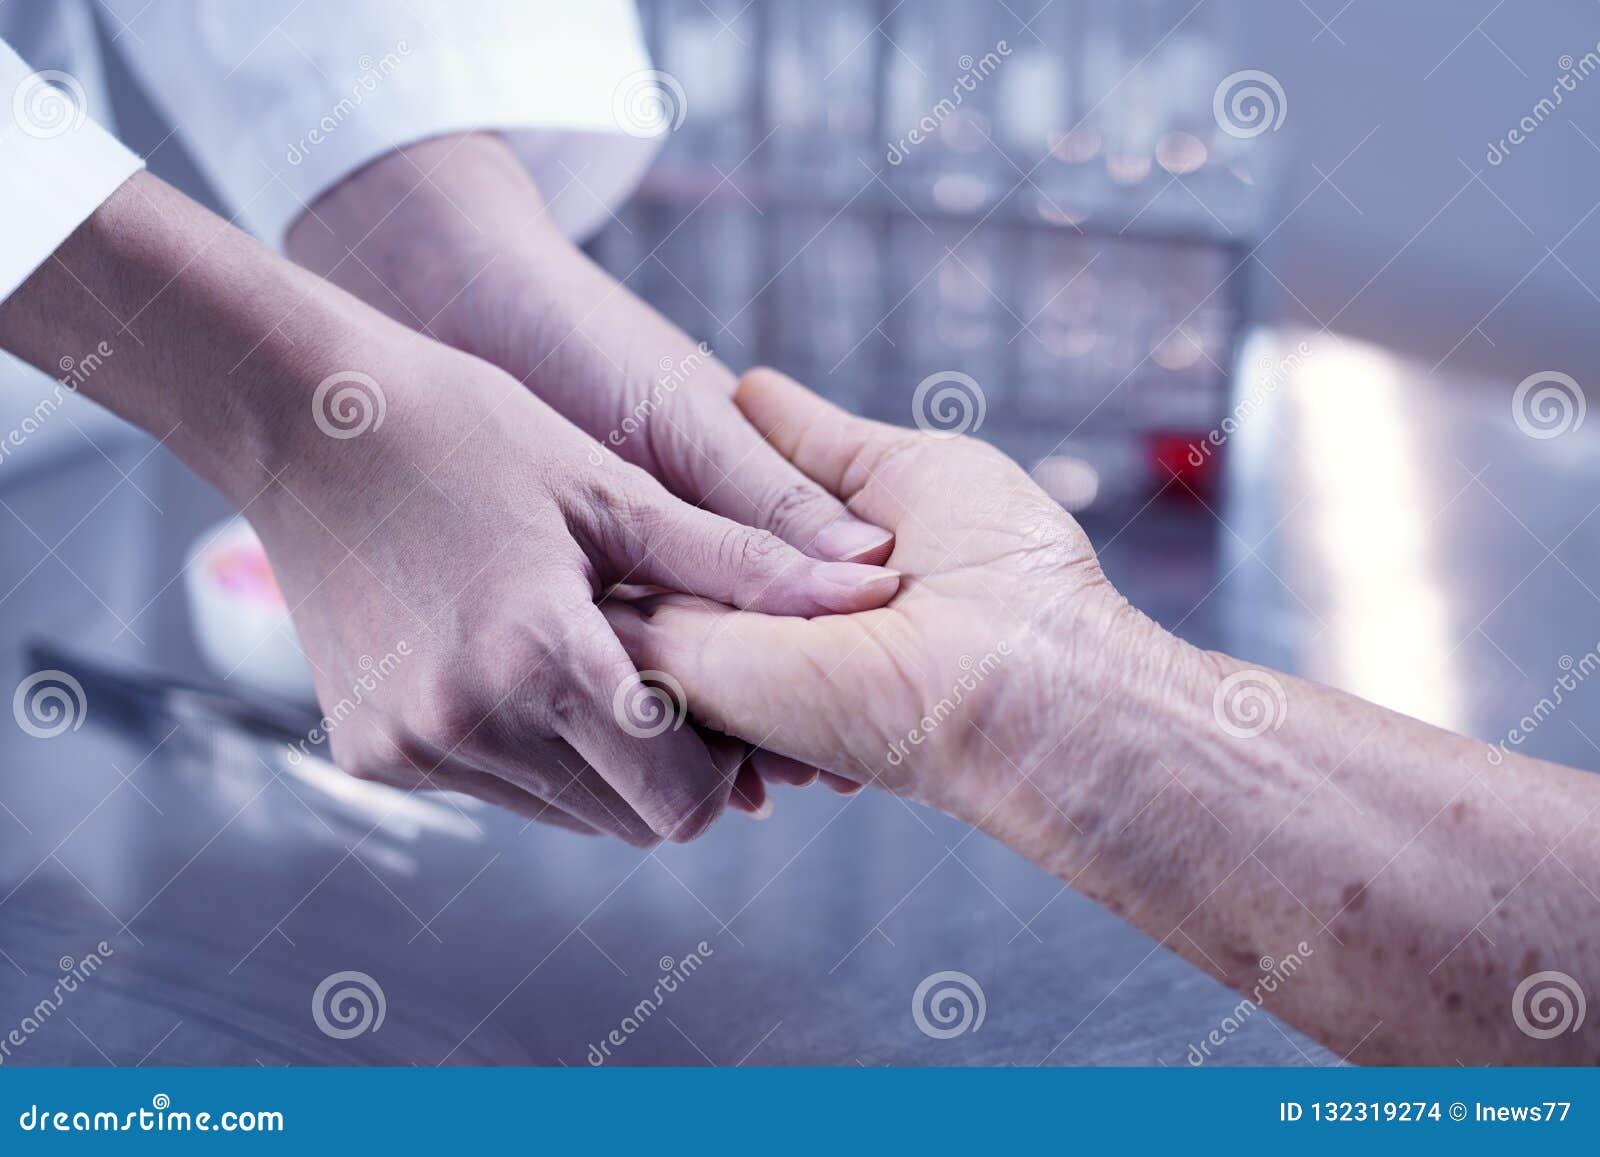 Prendre soin des personnes âgées, docteur soulageant le patient, As